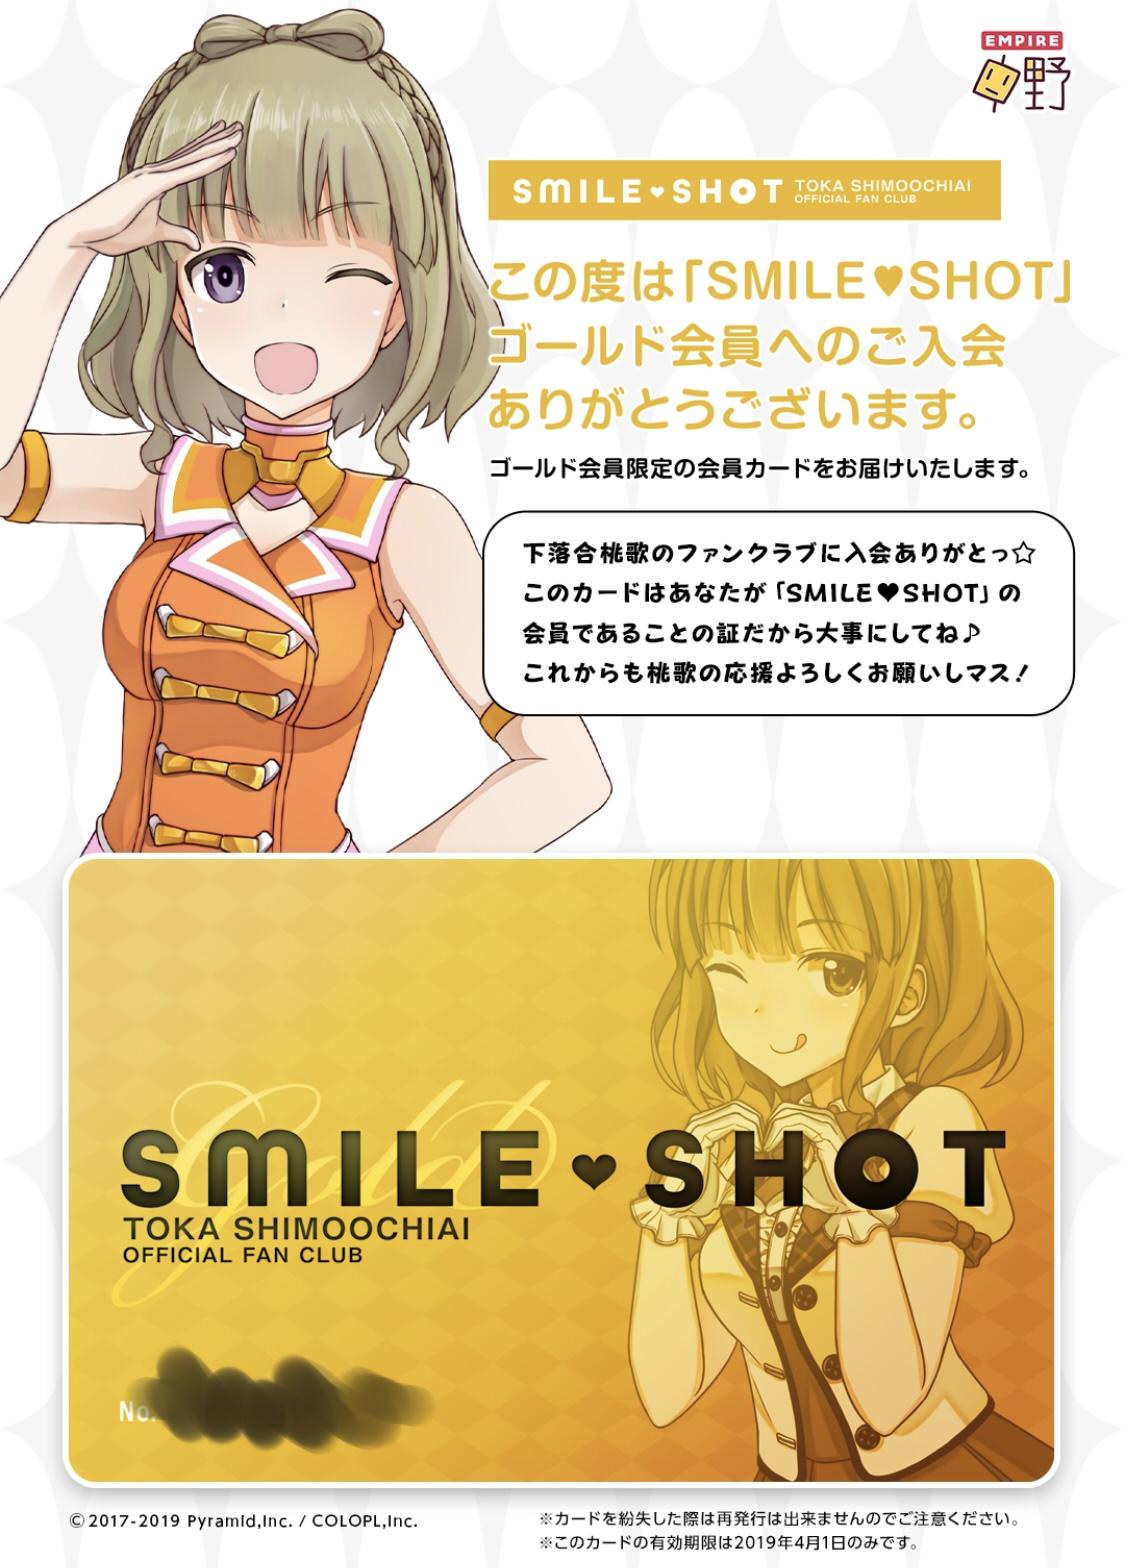 SMILESHOT.jpg